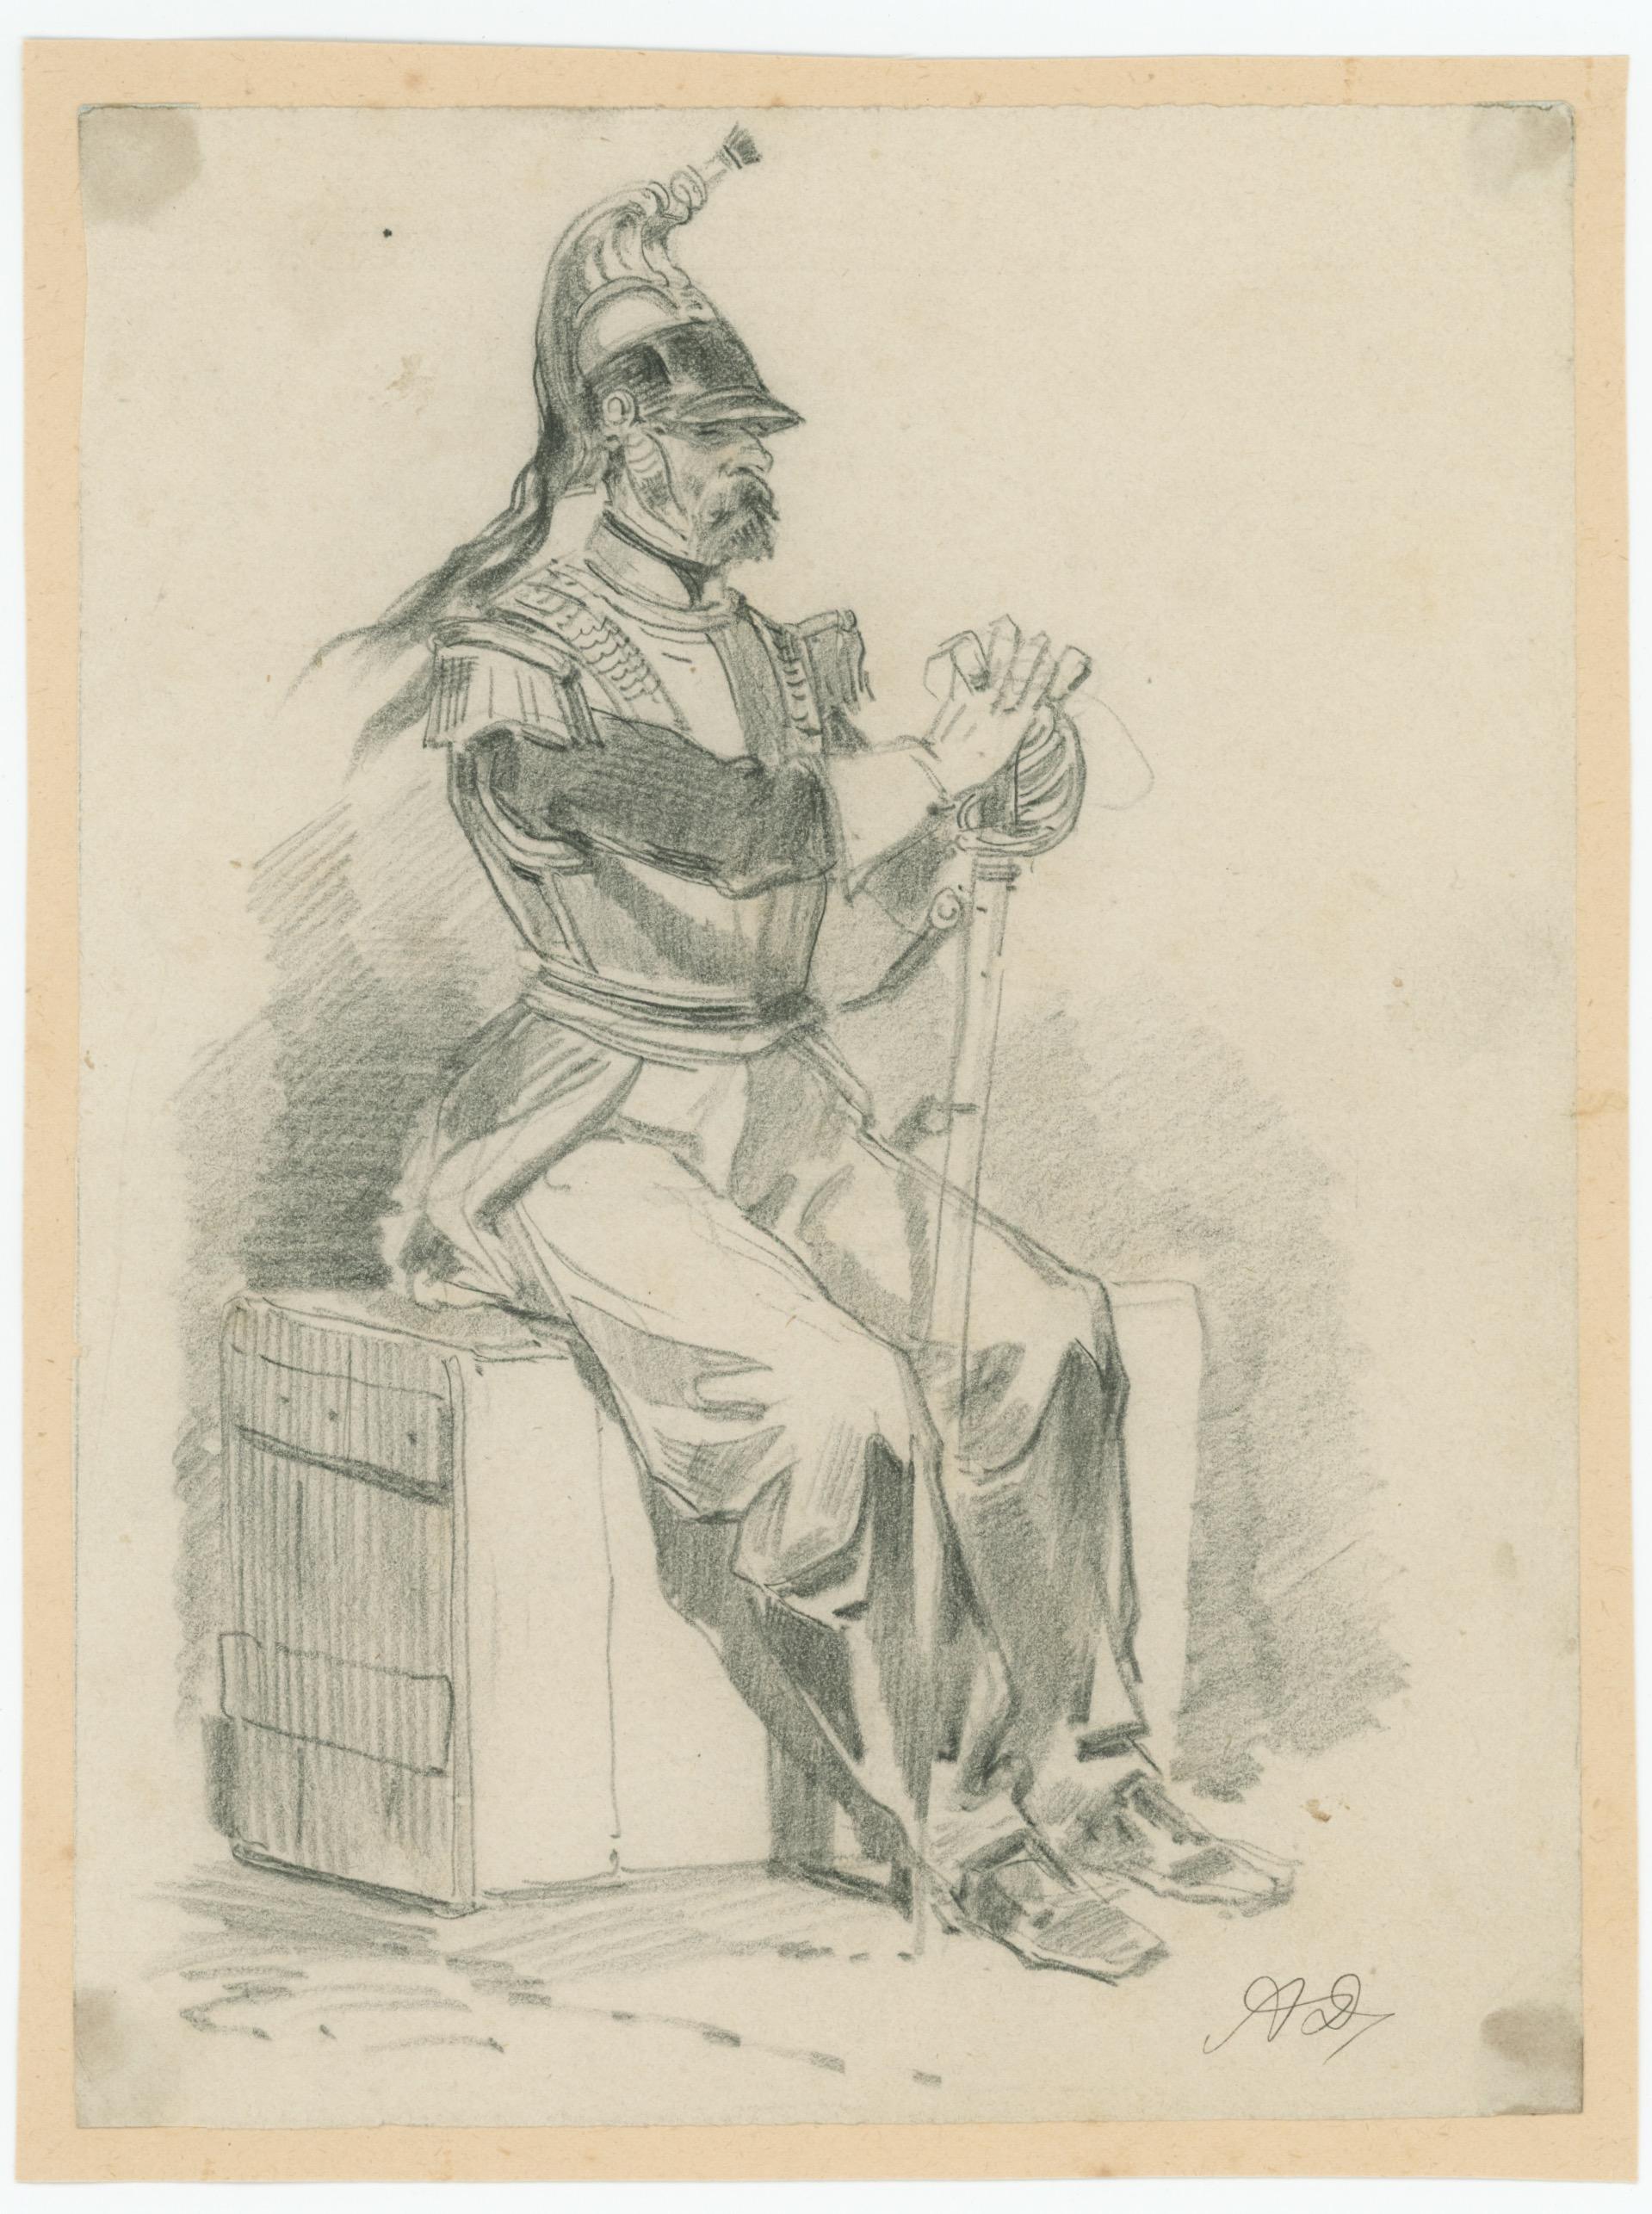 Dessin crayon rehaussé - Cavalerie - France - Cuirassier - 1843 - Monarchie de Juillet - Uniforme